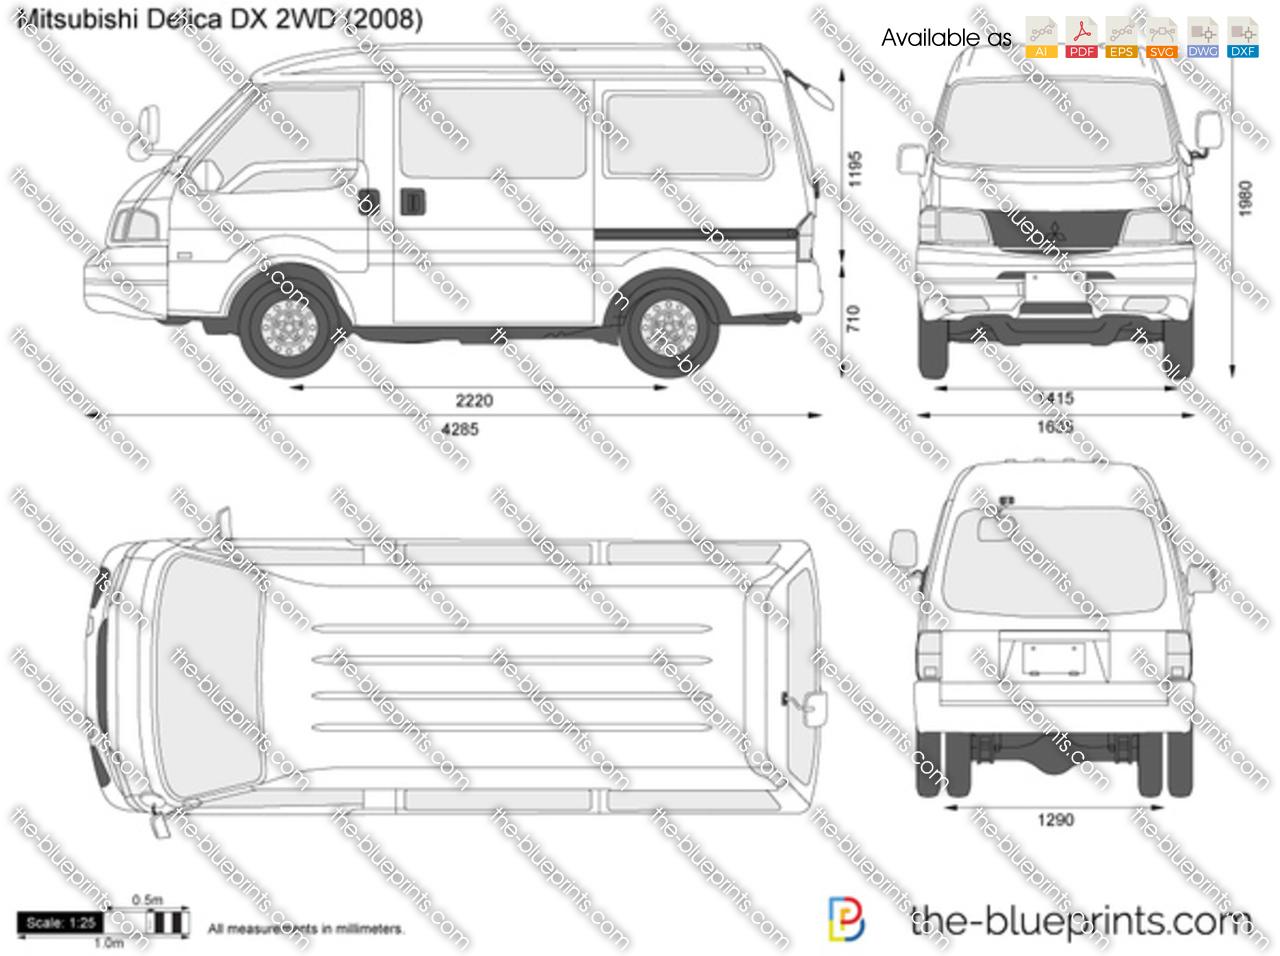 Mitsubishi Delica DX 2WD 2003